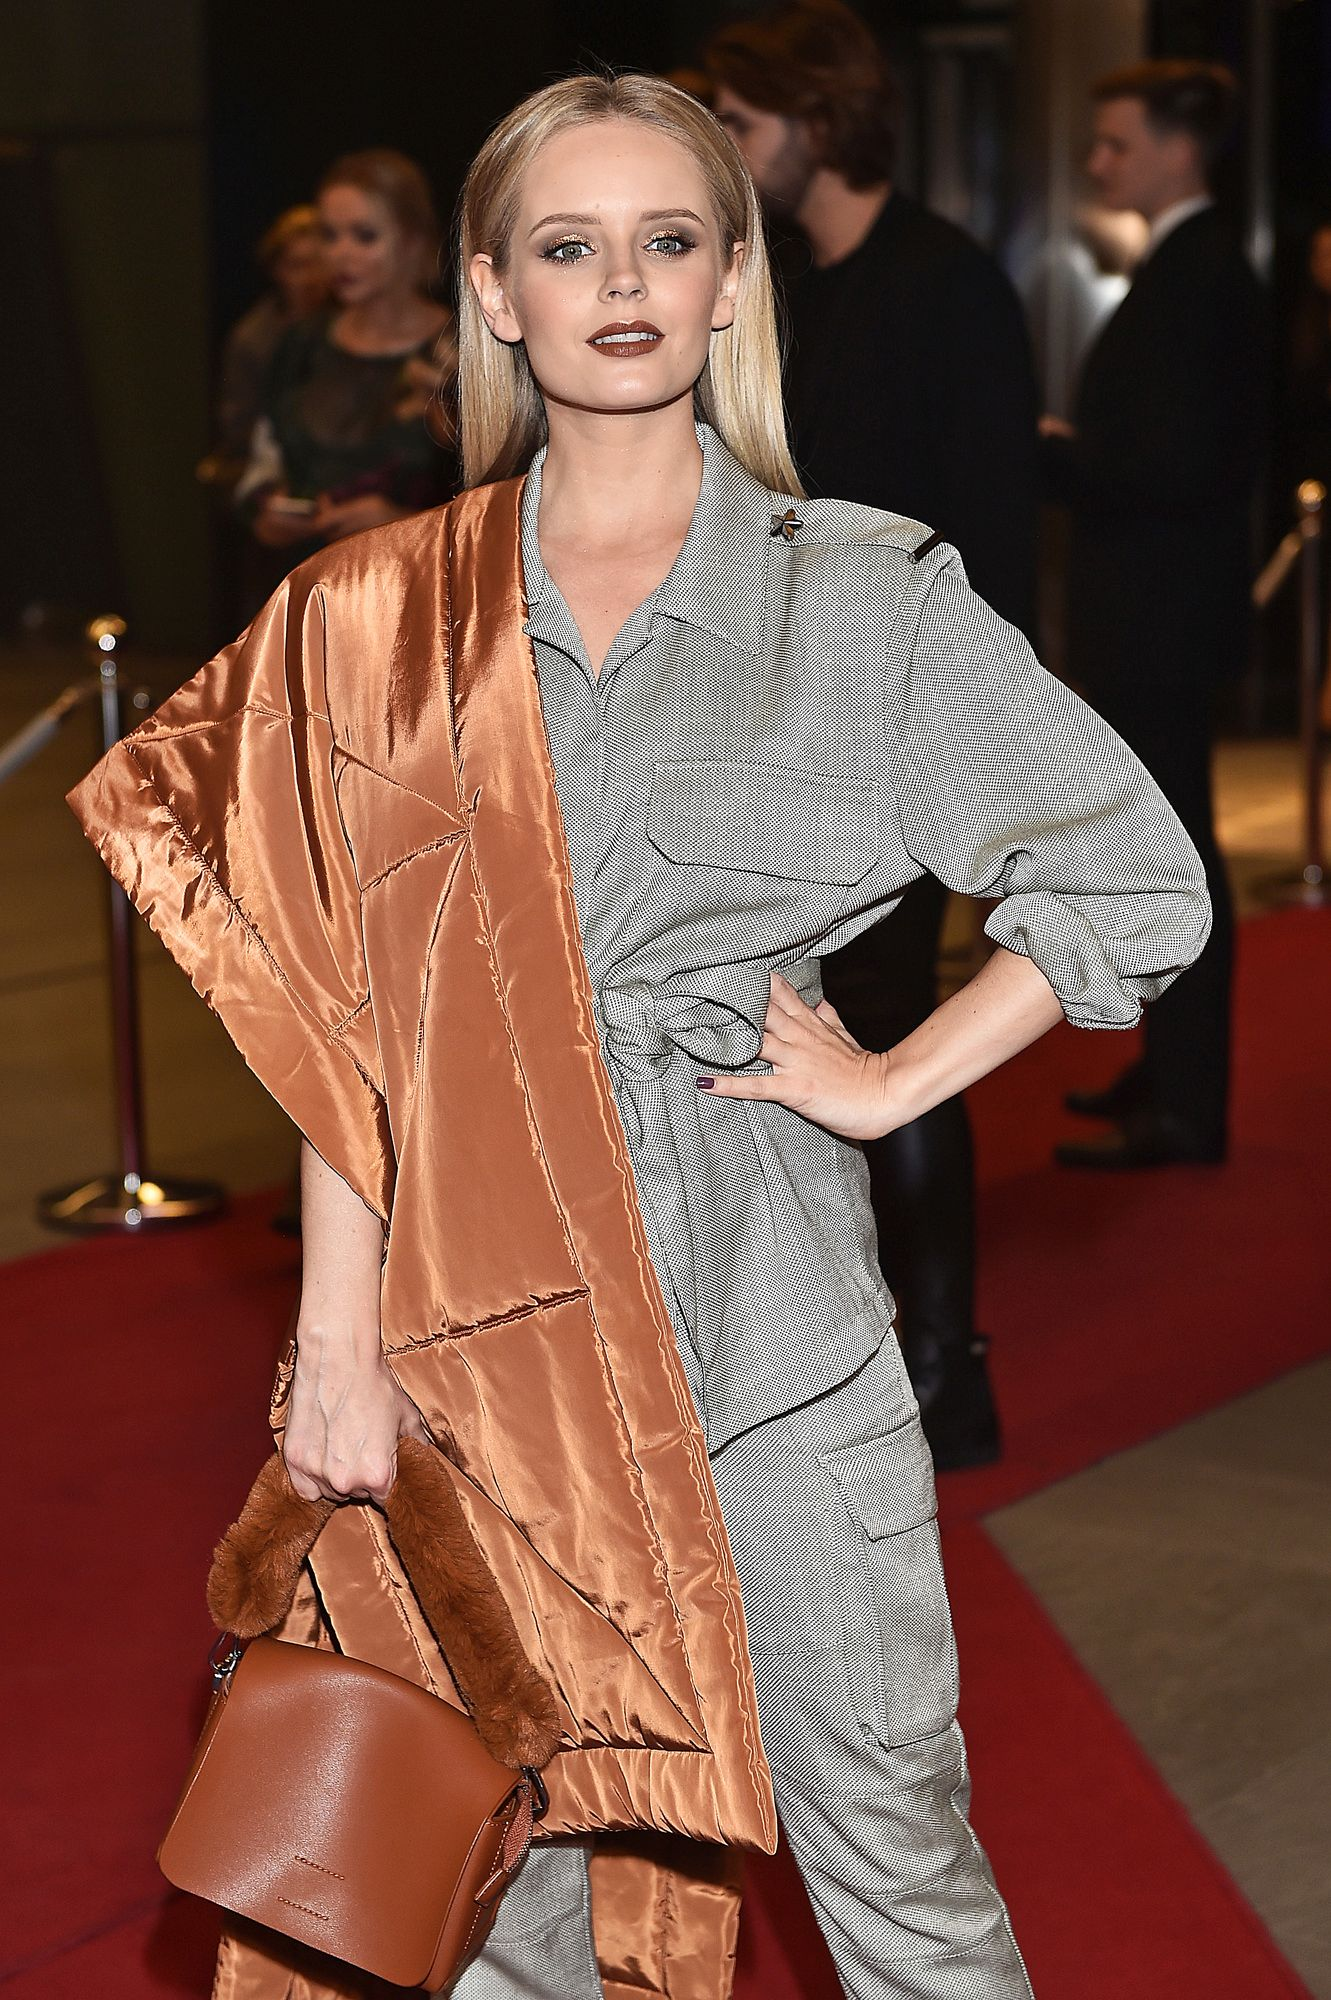 Olga Kalicka w najmodniejszym kolorze szminki.To odcień idealny dla blondynek!